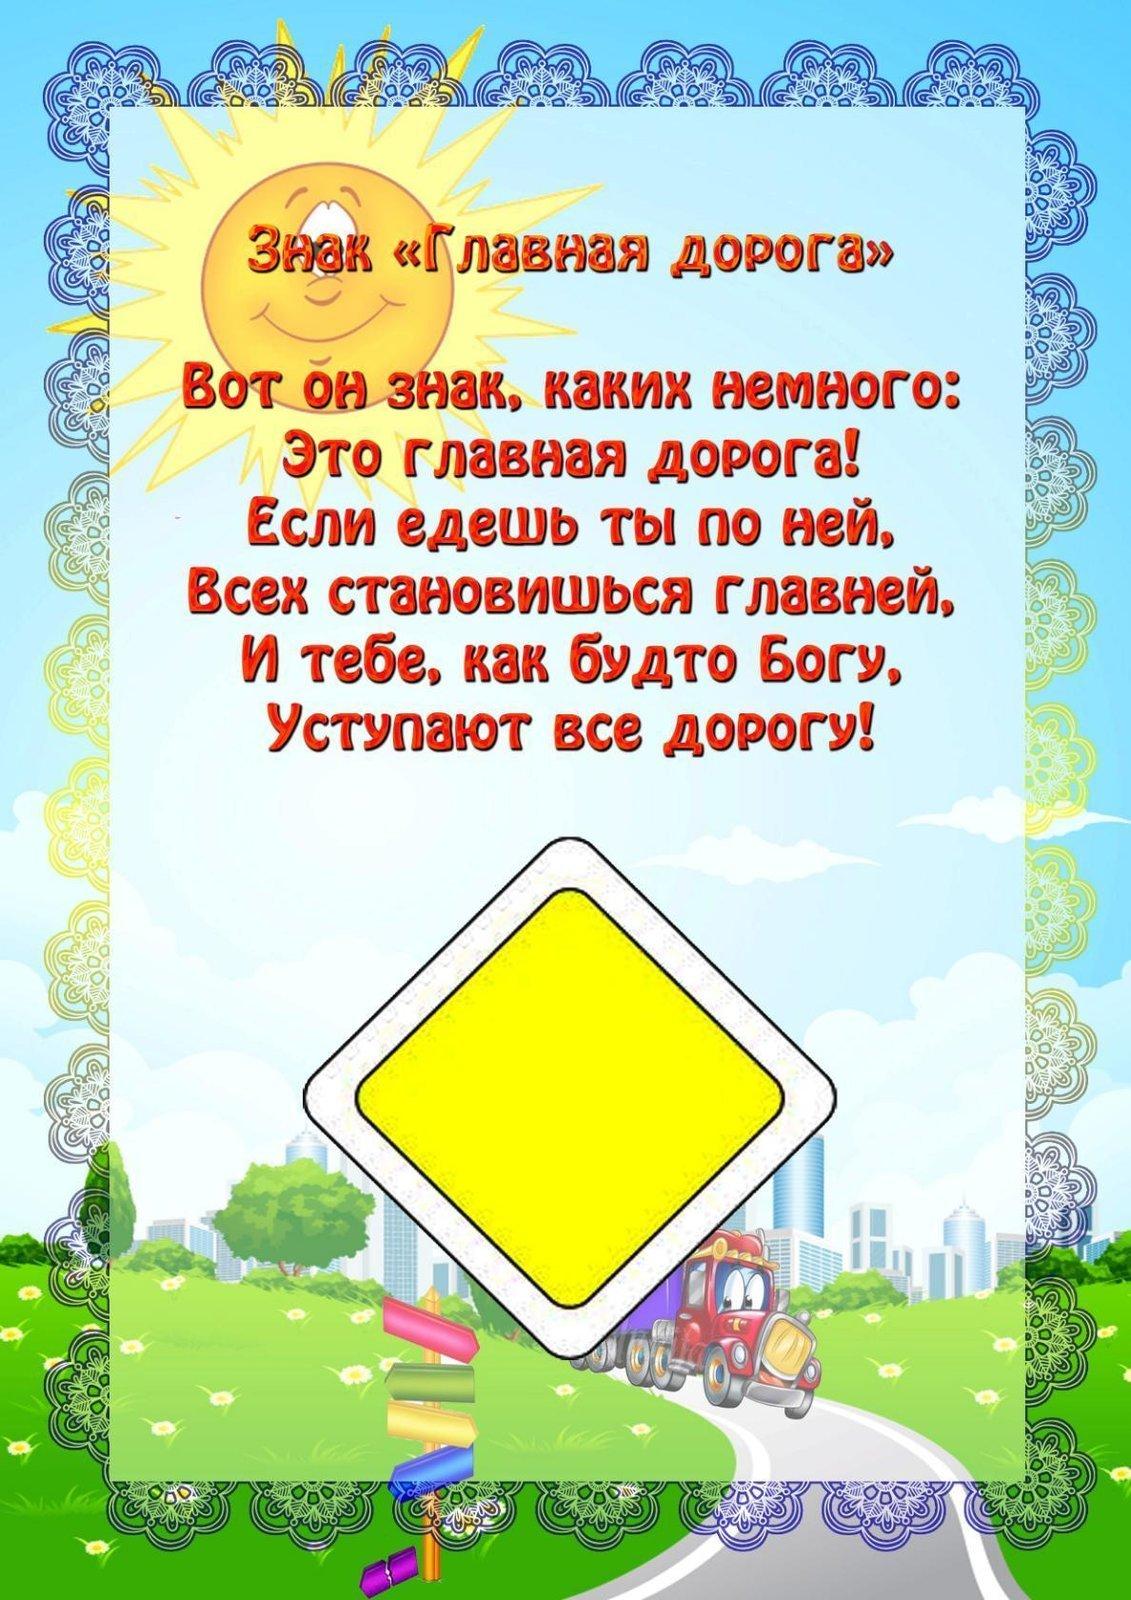 Фото крестовоздвиженской церкви в иркутске помогают человеку